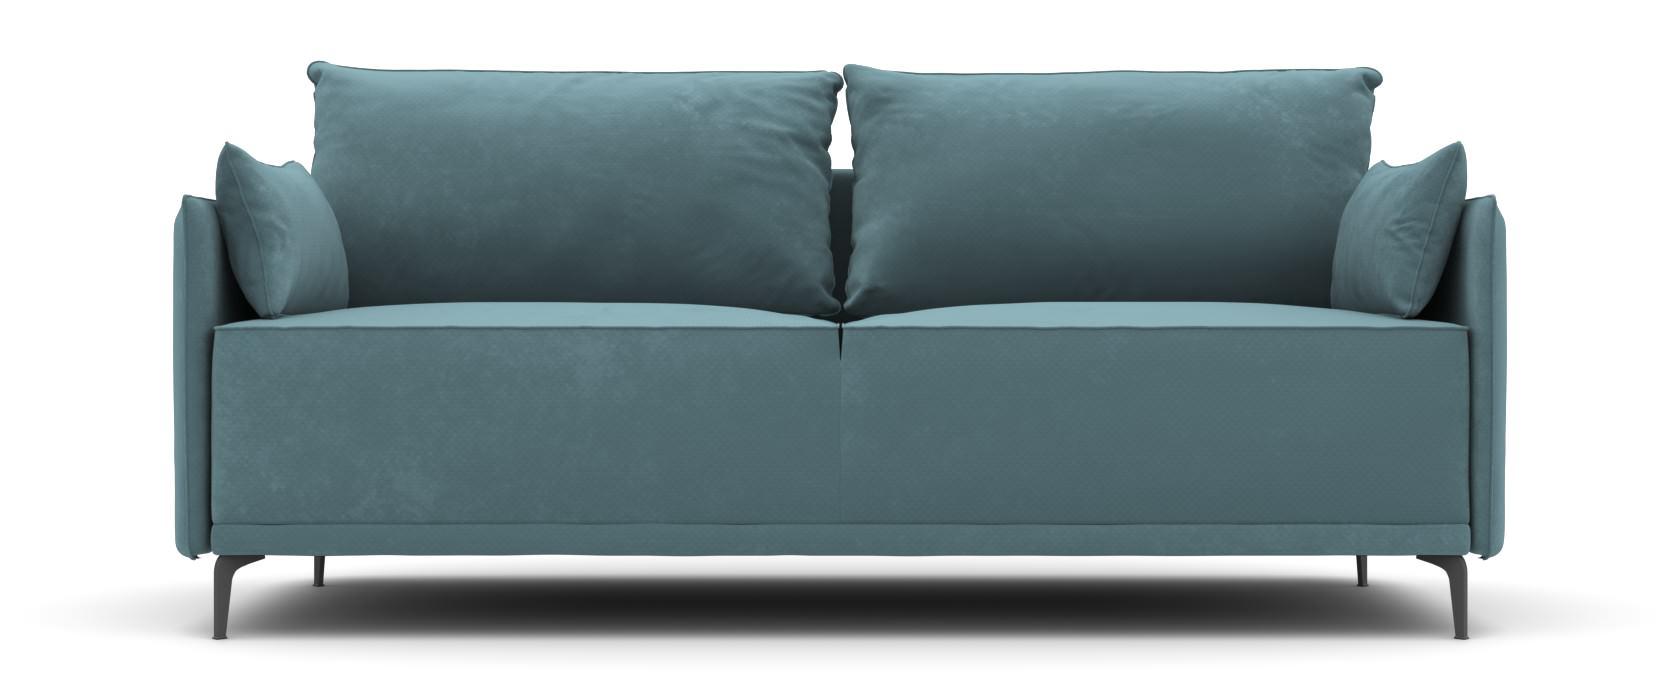 Трехместный диван Carla - Pufetto